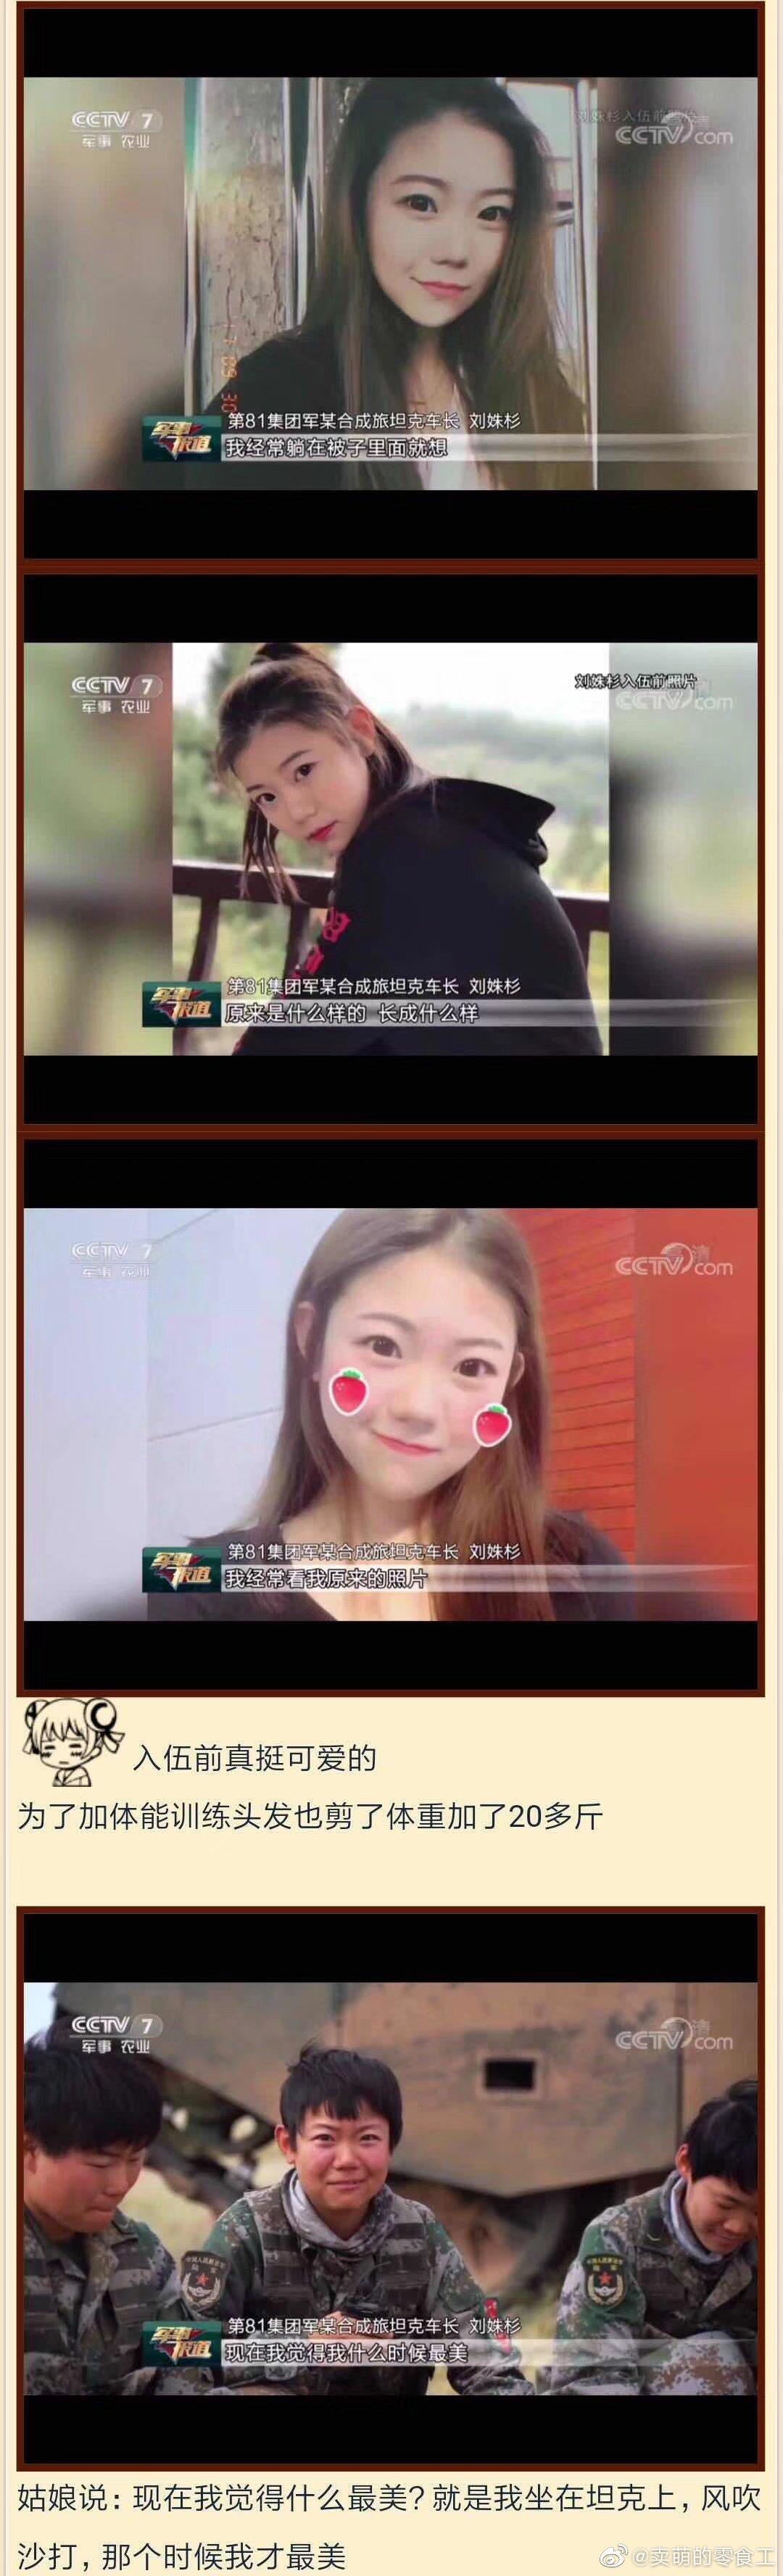 热门视频图片段子福利第84期:陕北民歌  福利社吧  图122